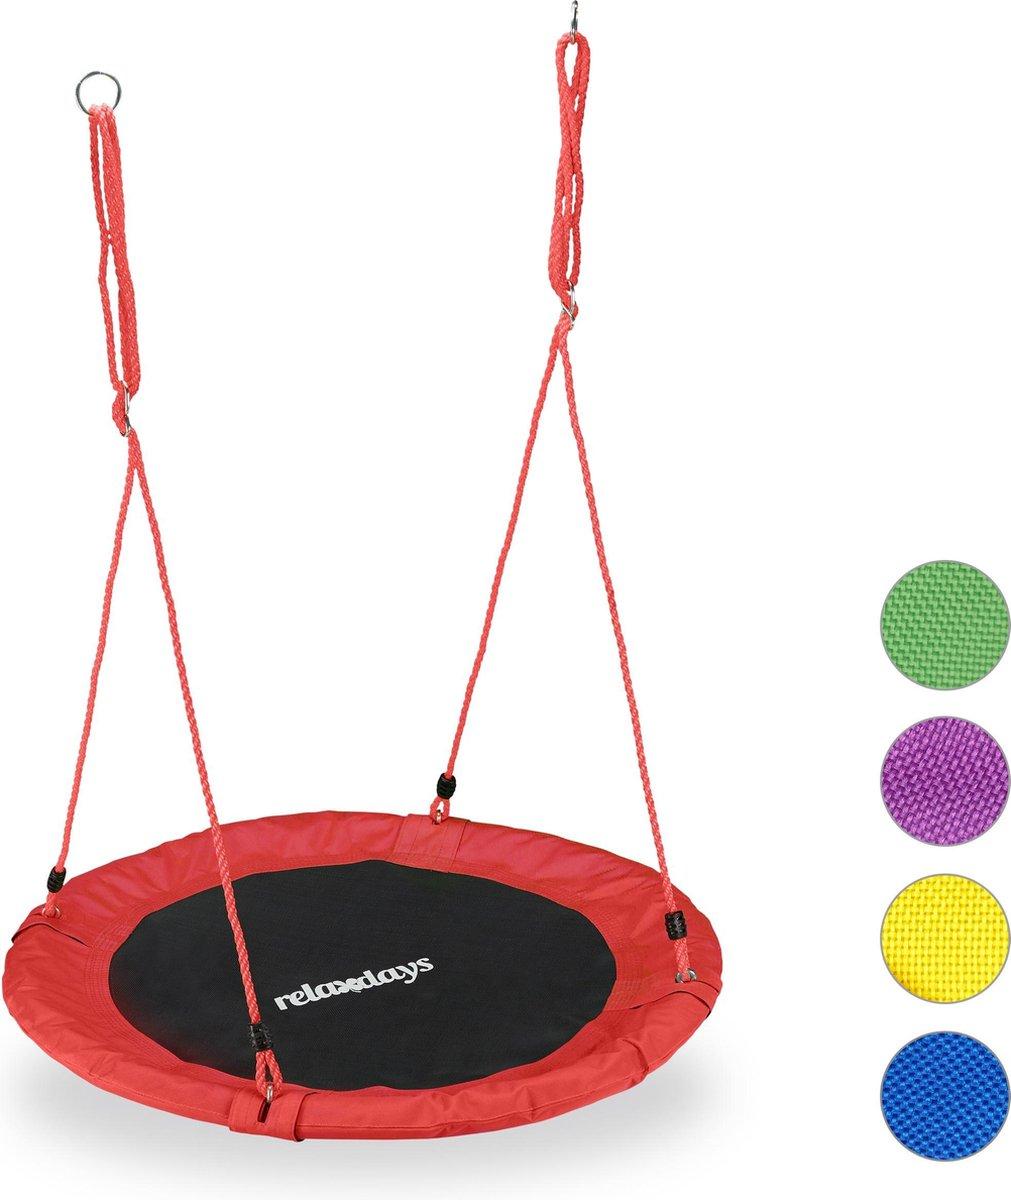 relaxdays Nestschommel - kinderschommel - schotelschommel - schommel buiten - rond - 90 cm rood